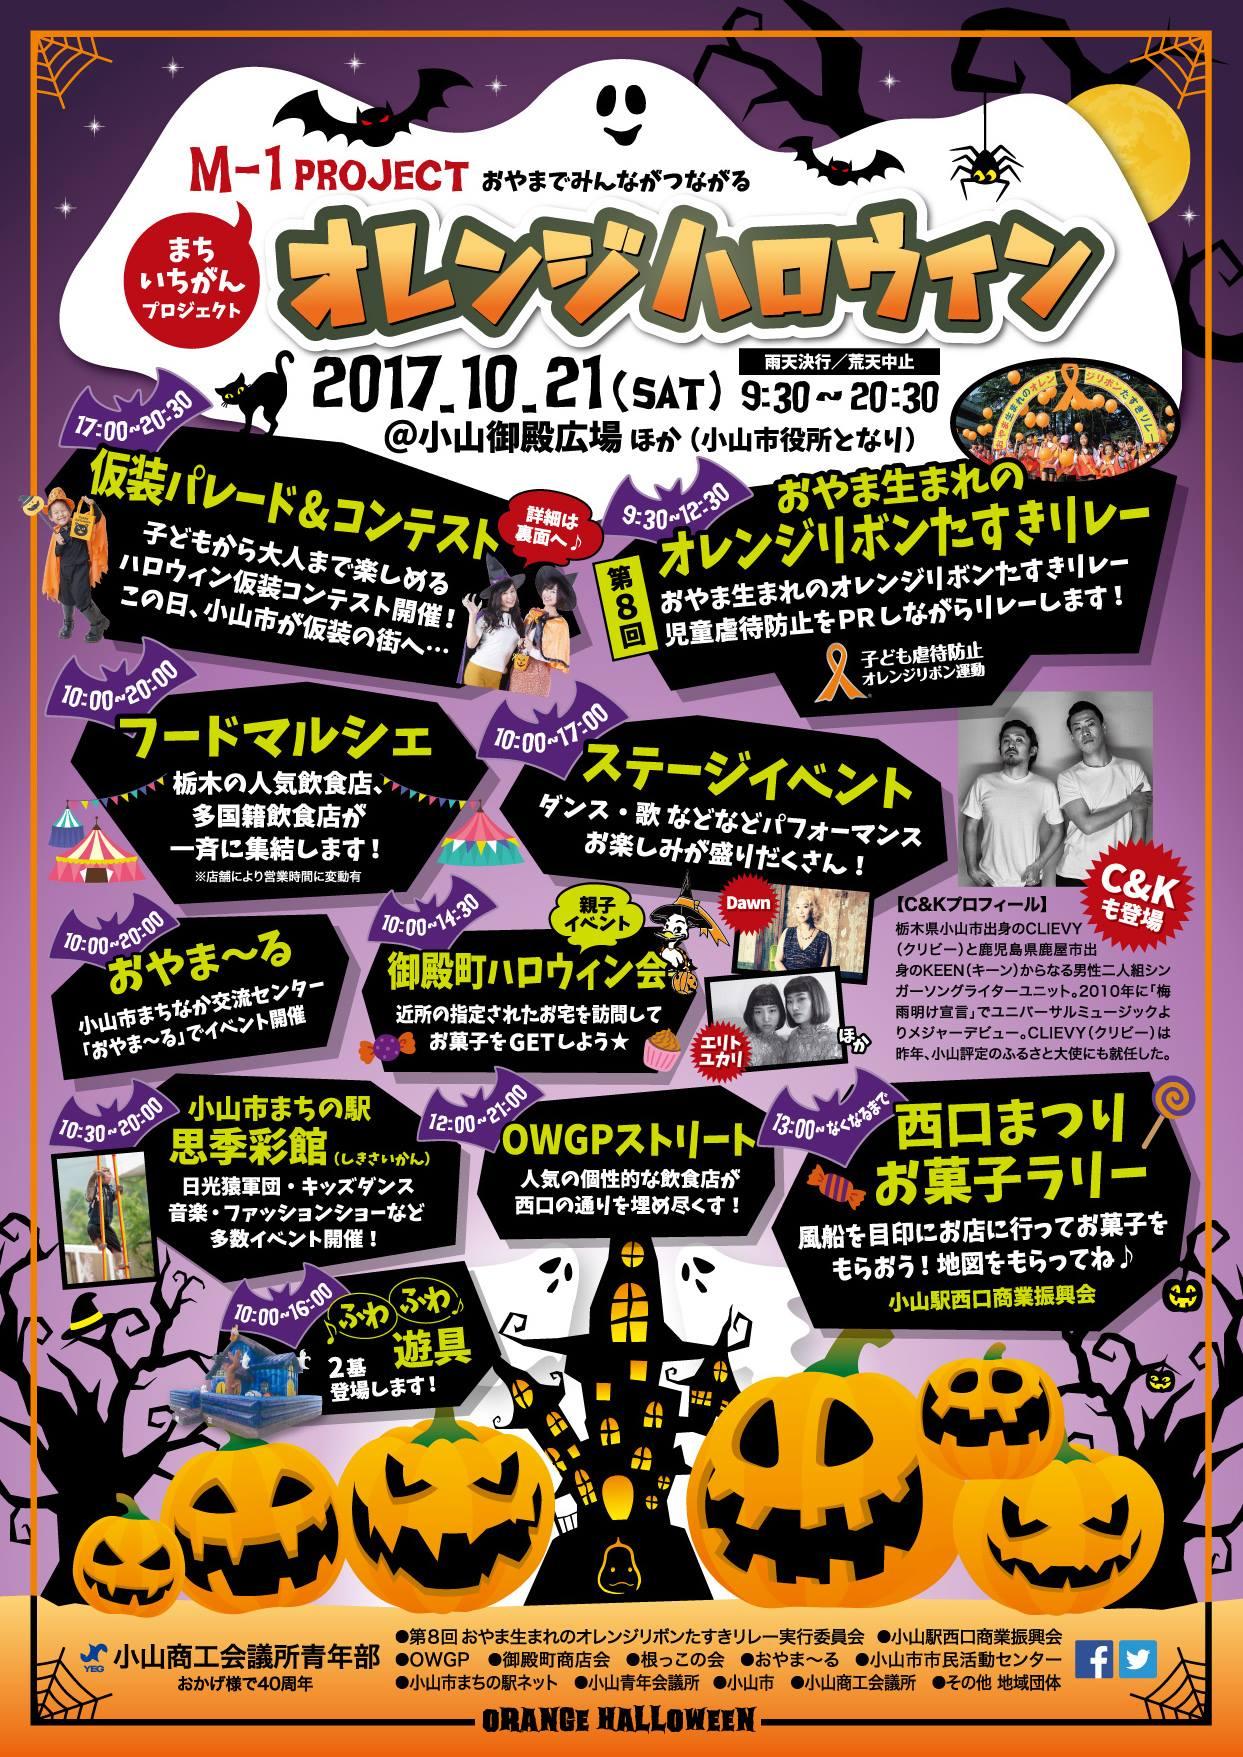 10月21日(土) M-1プロジェクト オレンジハロウィン開催